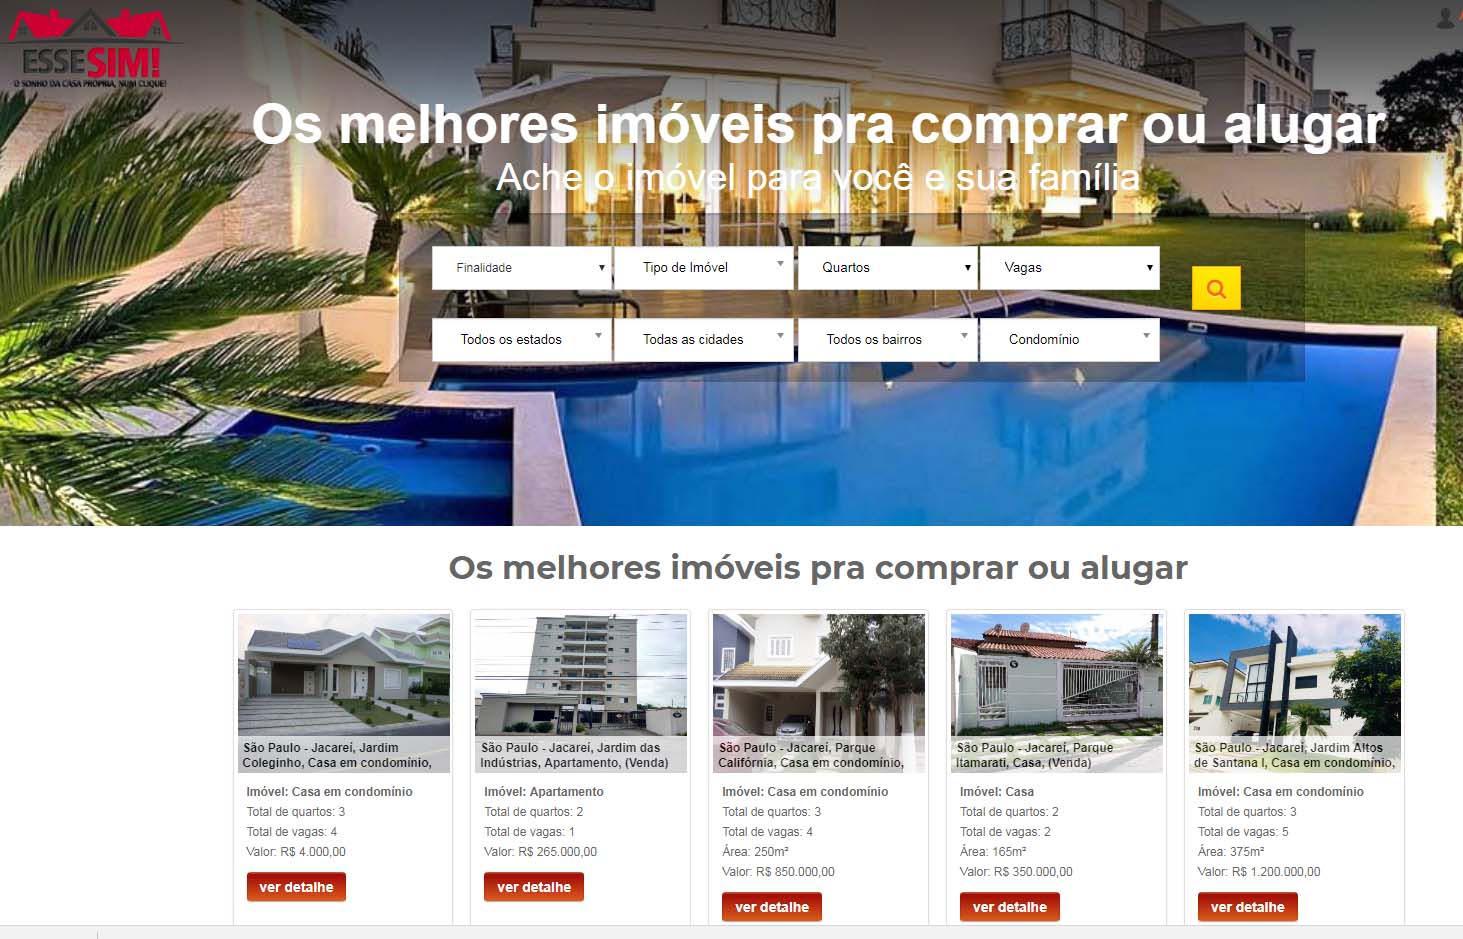 essesim.com.br